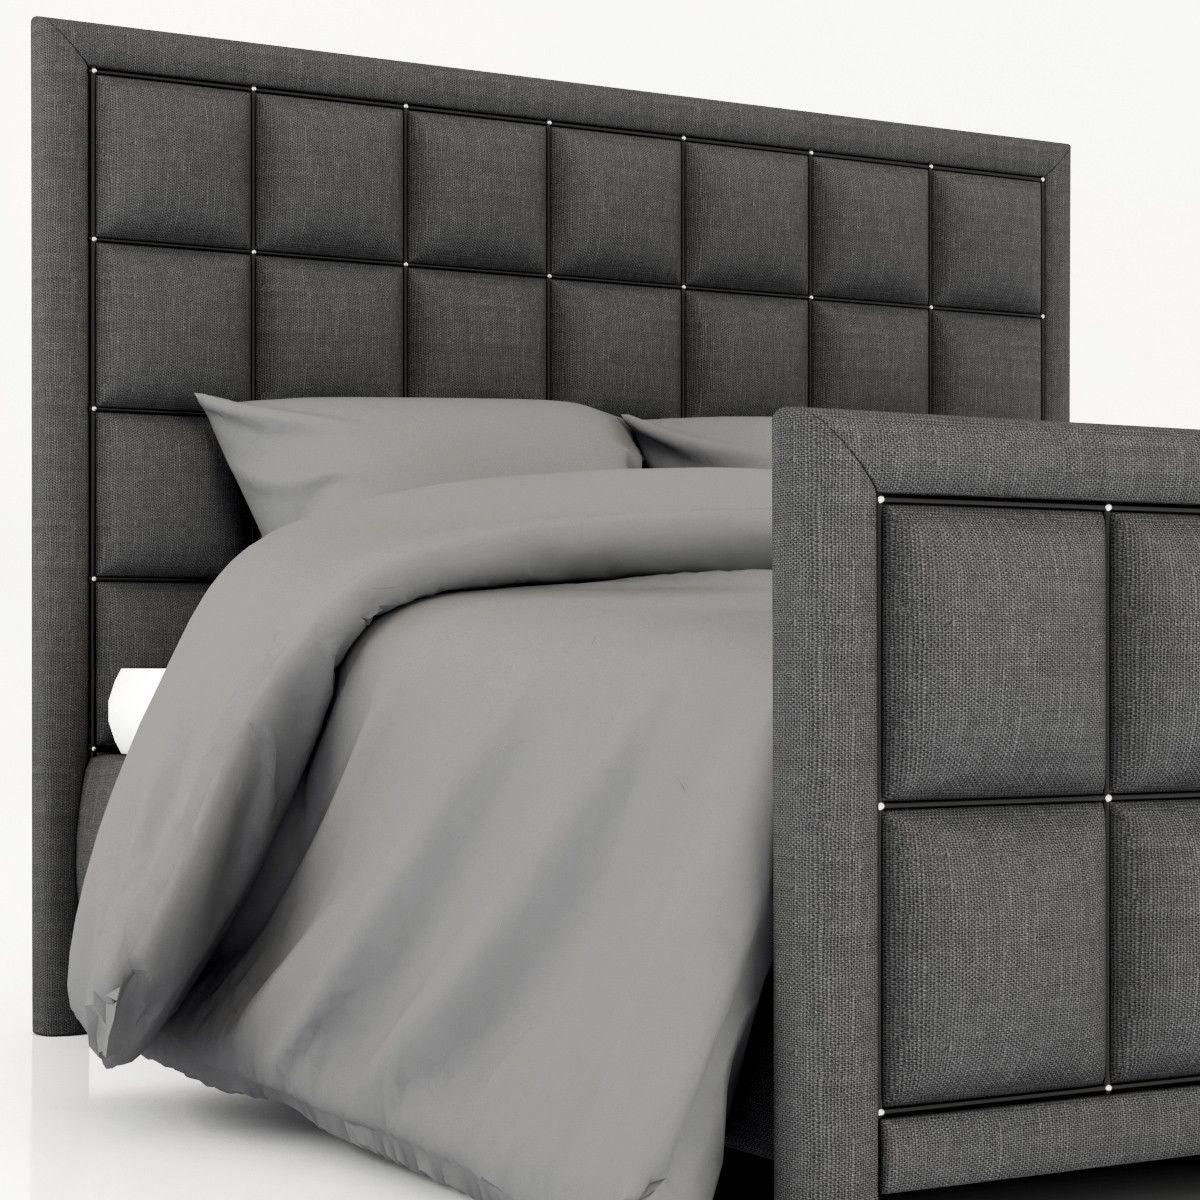 Roybosh Morrisa Krovat 3d Model Bed Back Design Bed Headboard Design Bedroom Bed Design